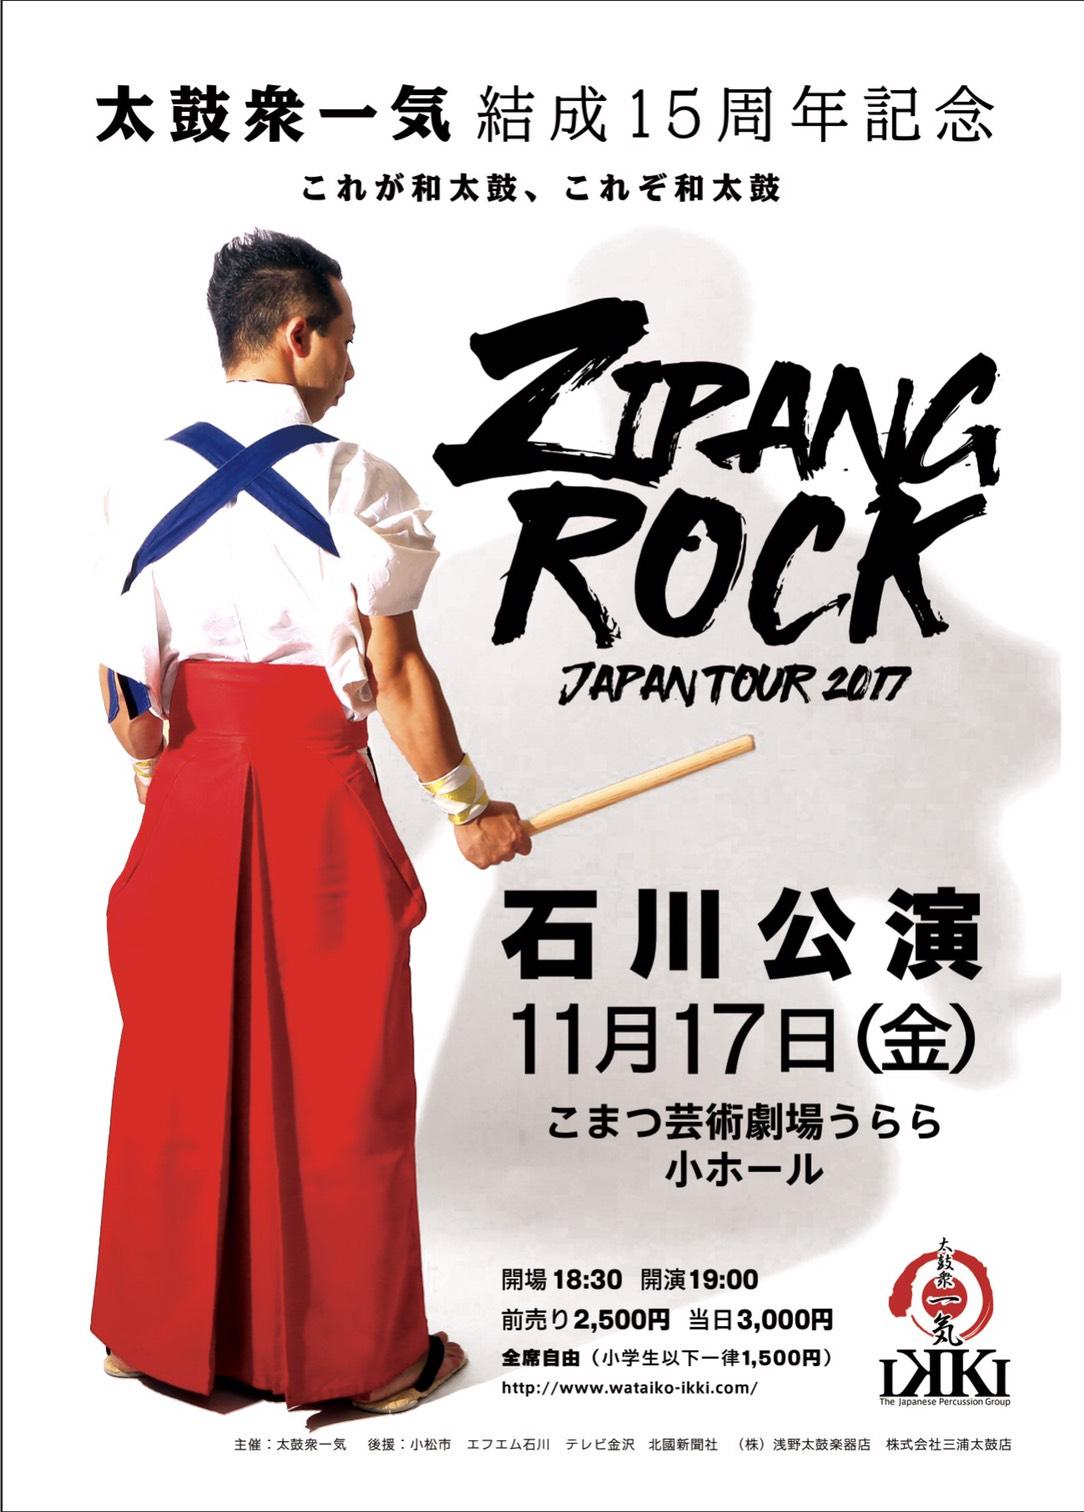 太鼓衆一気結成15周年記念 -ZIPANG ROCK- Japan Tour 2017 石川公演